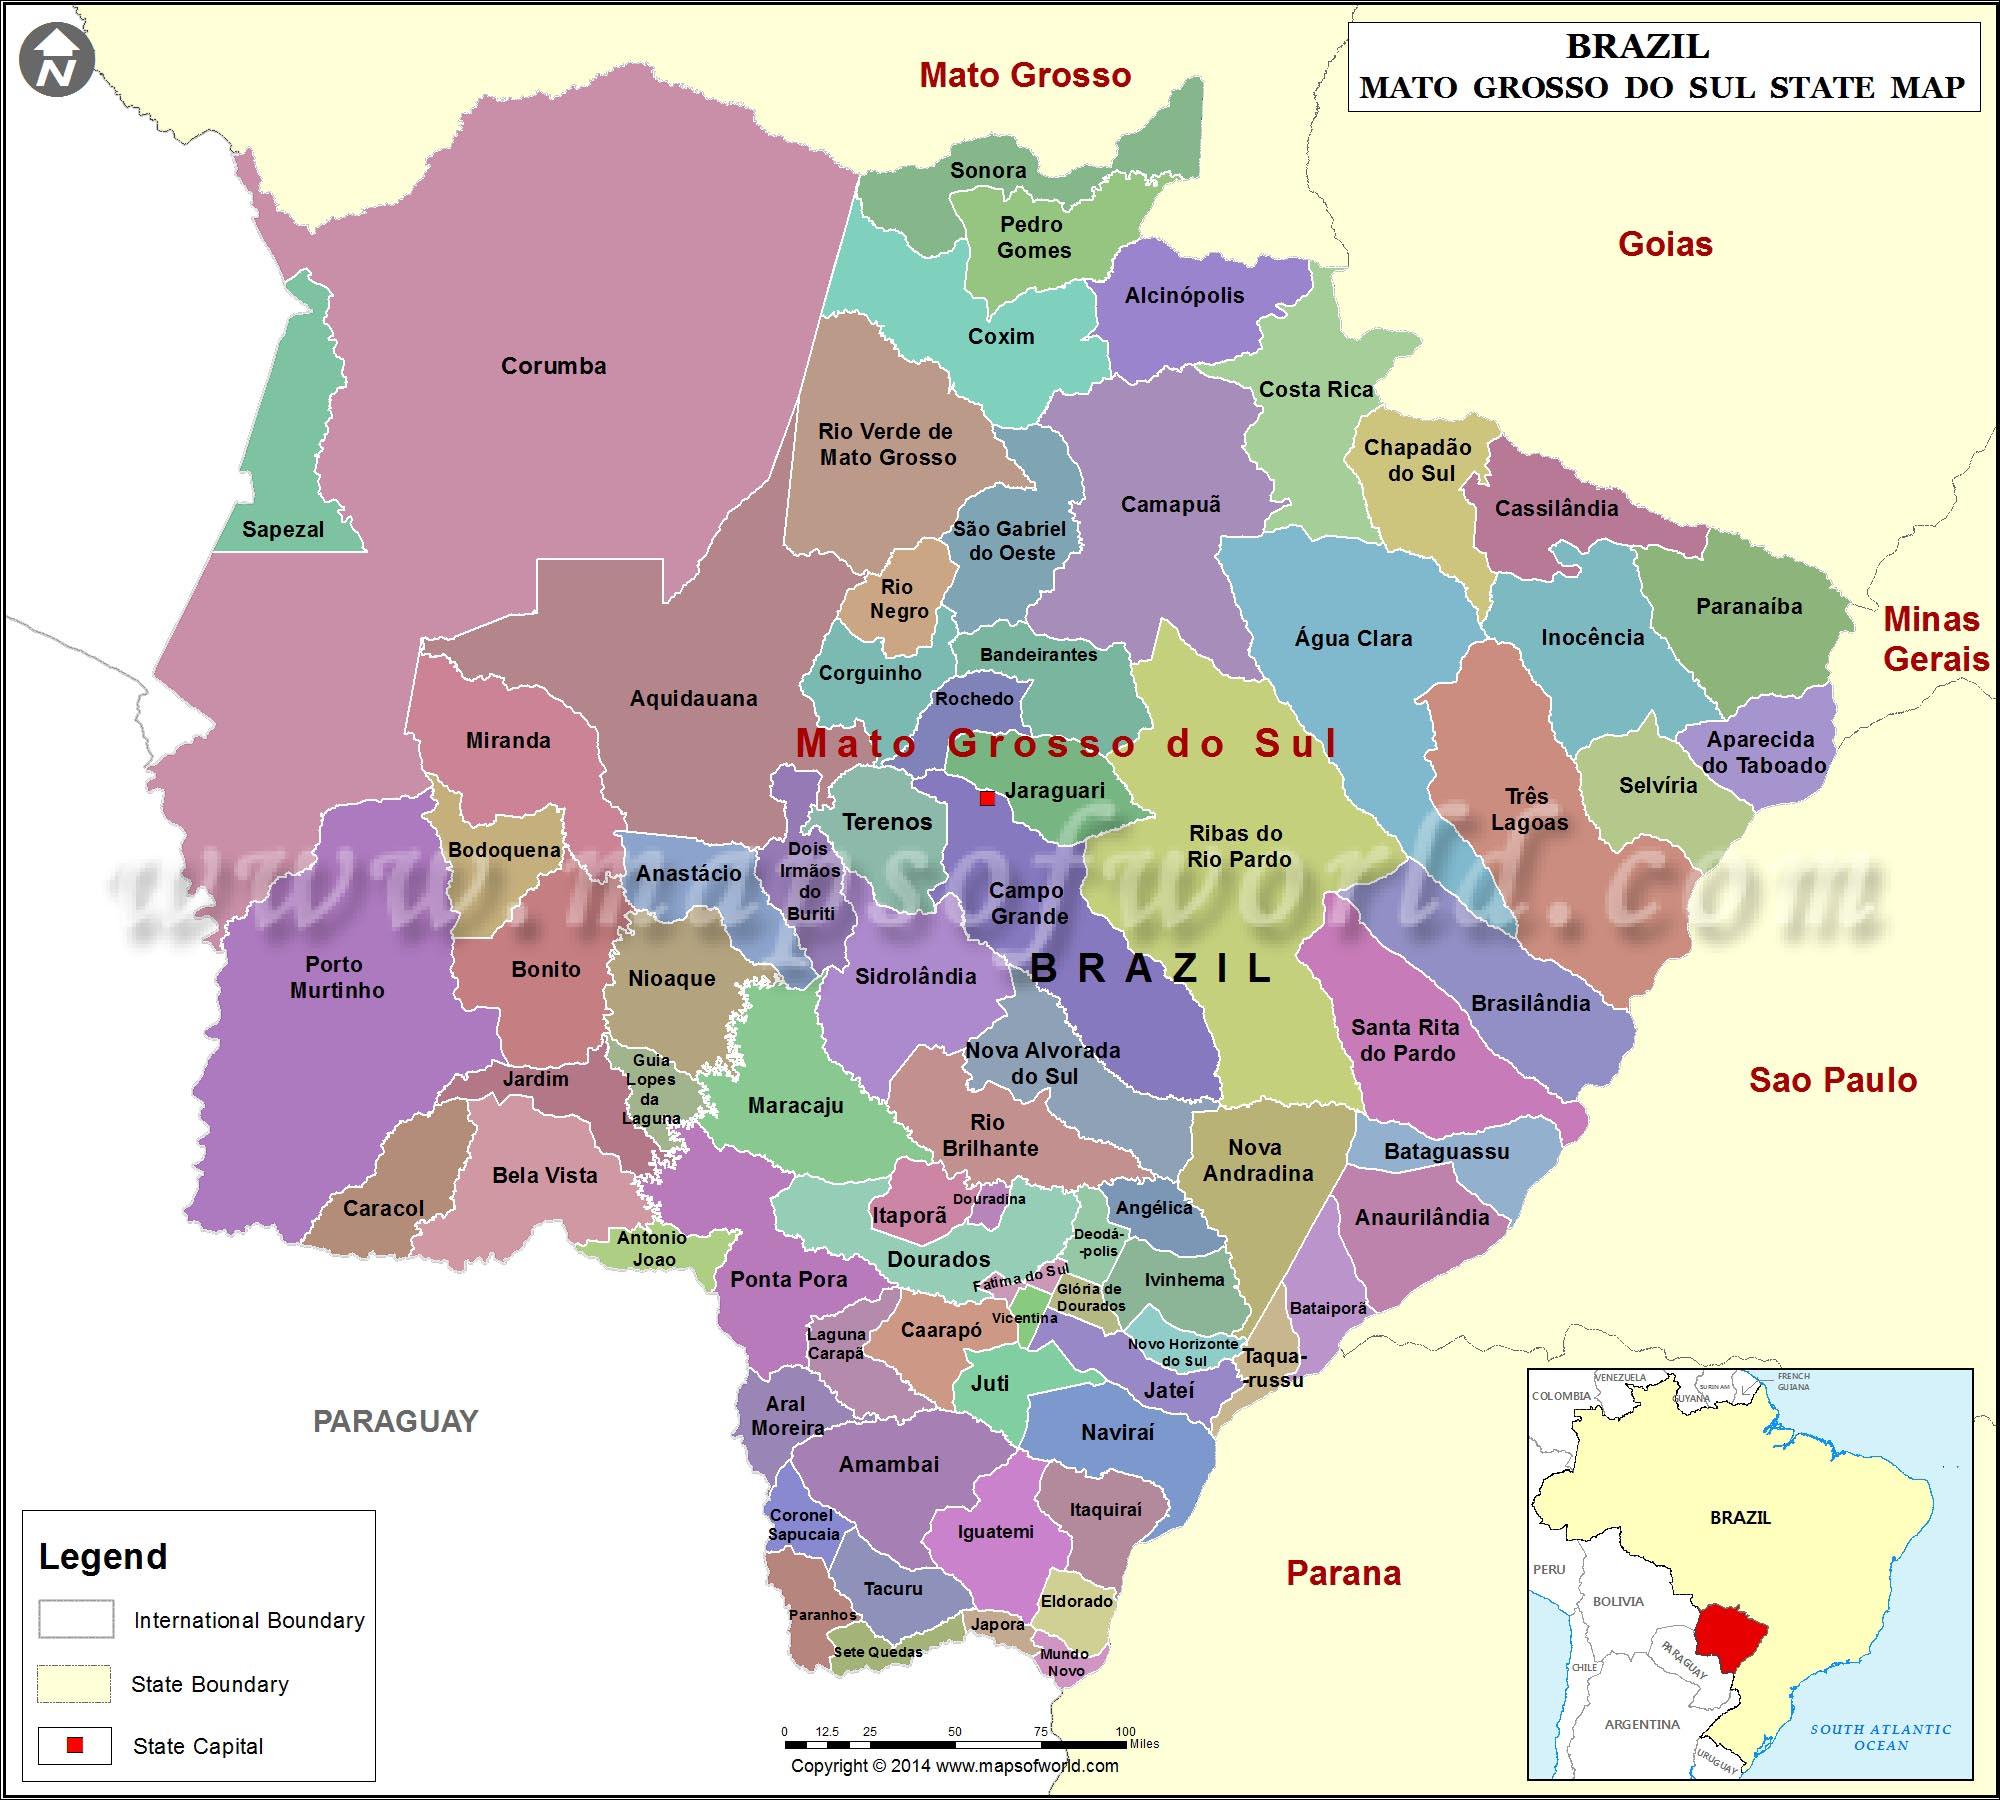 mapa politico de america con todos los paises with Mato Grosso Do Sul on Las Divisiones De America in addition 15 paises mas grandes tierra as well Brasil Mapa Mapa De Brasil moreover Mapamundi Poster Con Puertos Y Aeropuertos furthermore Mato Grosso Do Sul.